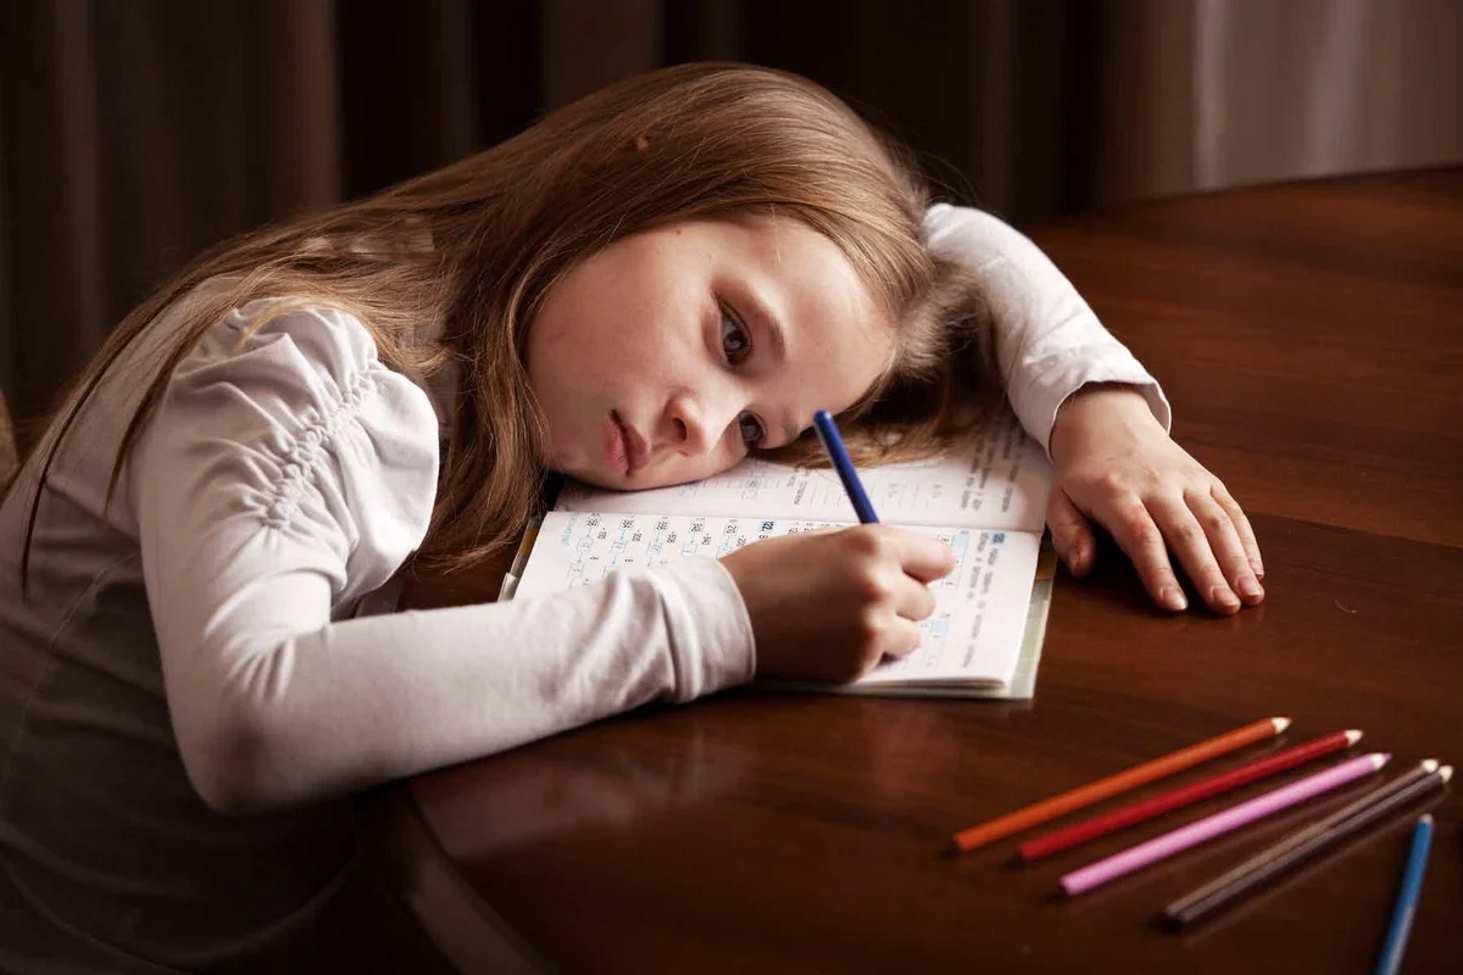 ekspert-nyneshnie-domashnie-zadaniya-razdrazhayut-a-ne-motiviruyut-detej